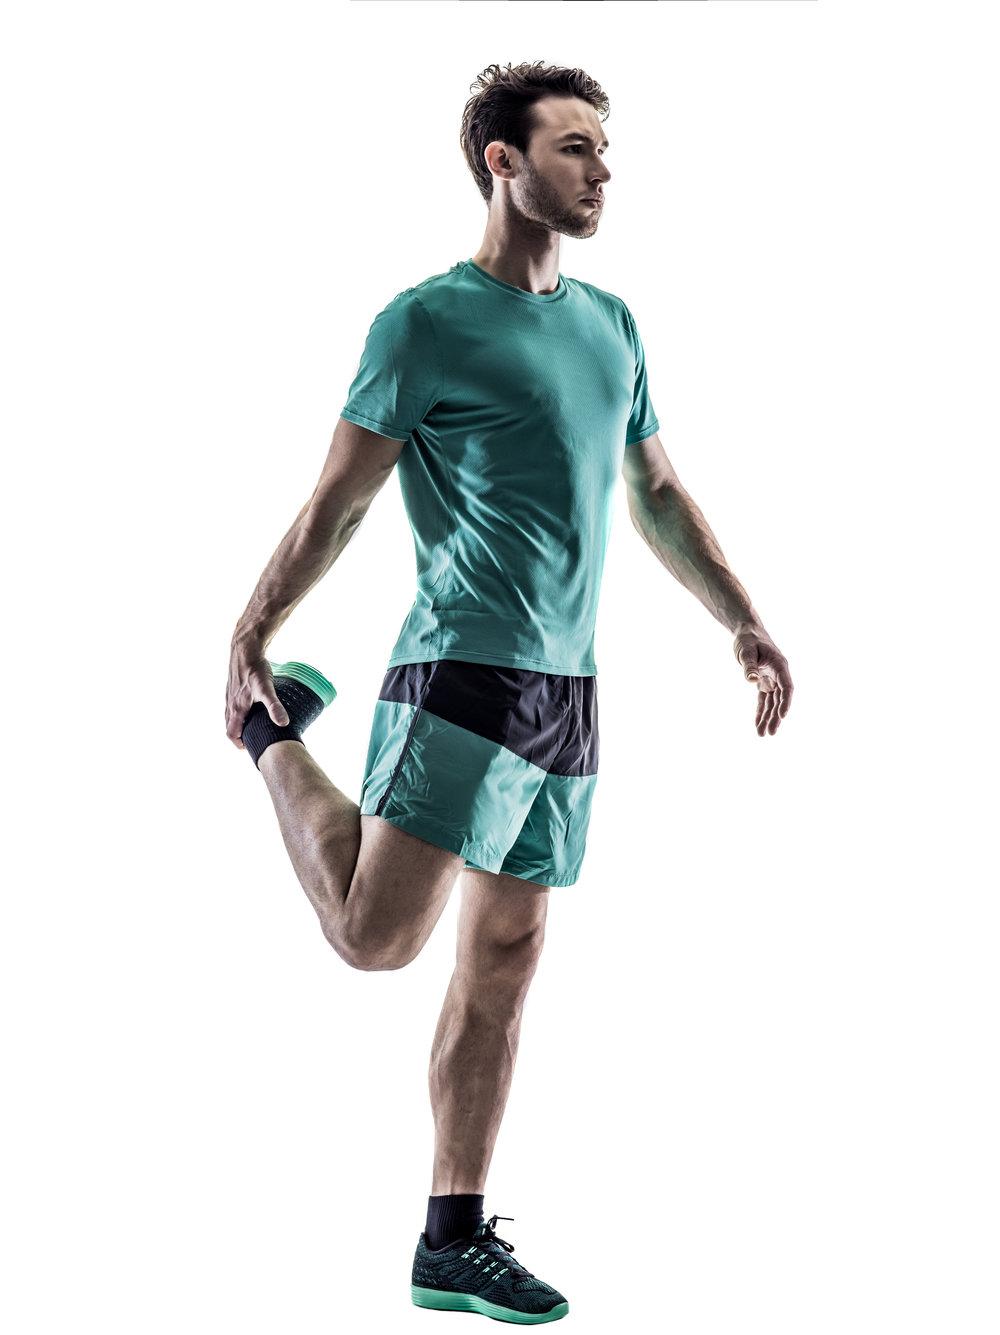 bigstock-man-runner-jogger-running-iso-135179945.jpg